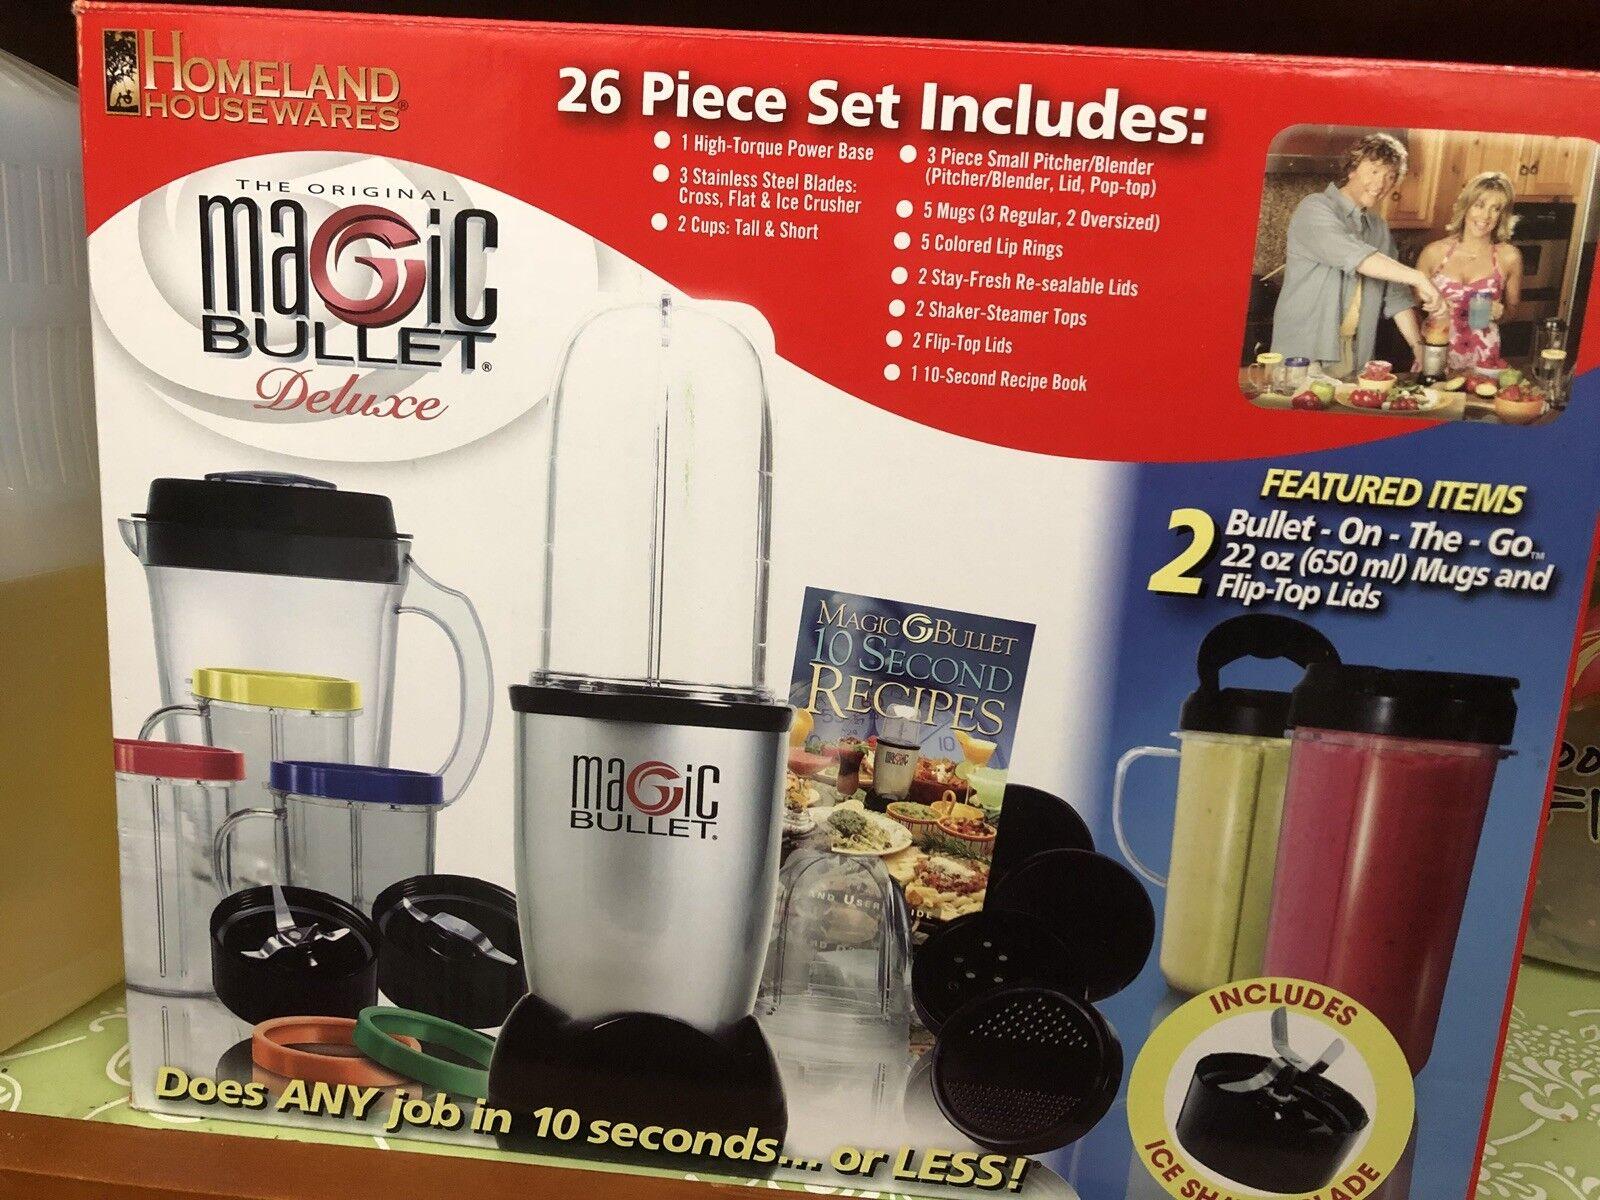 Magic bullet blender juicer 26 Piece Set